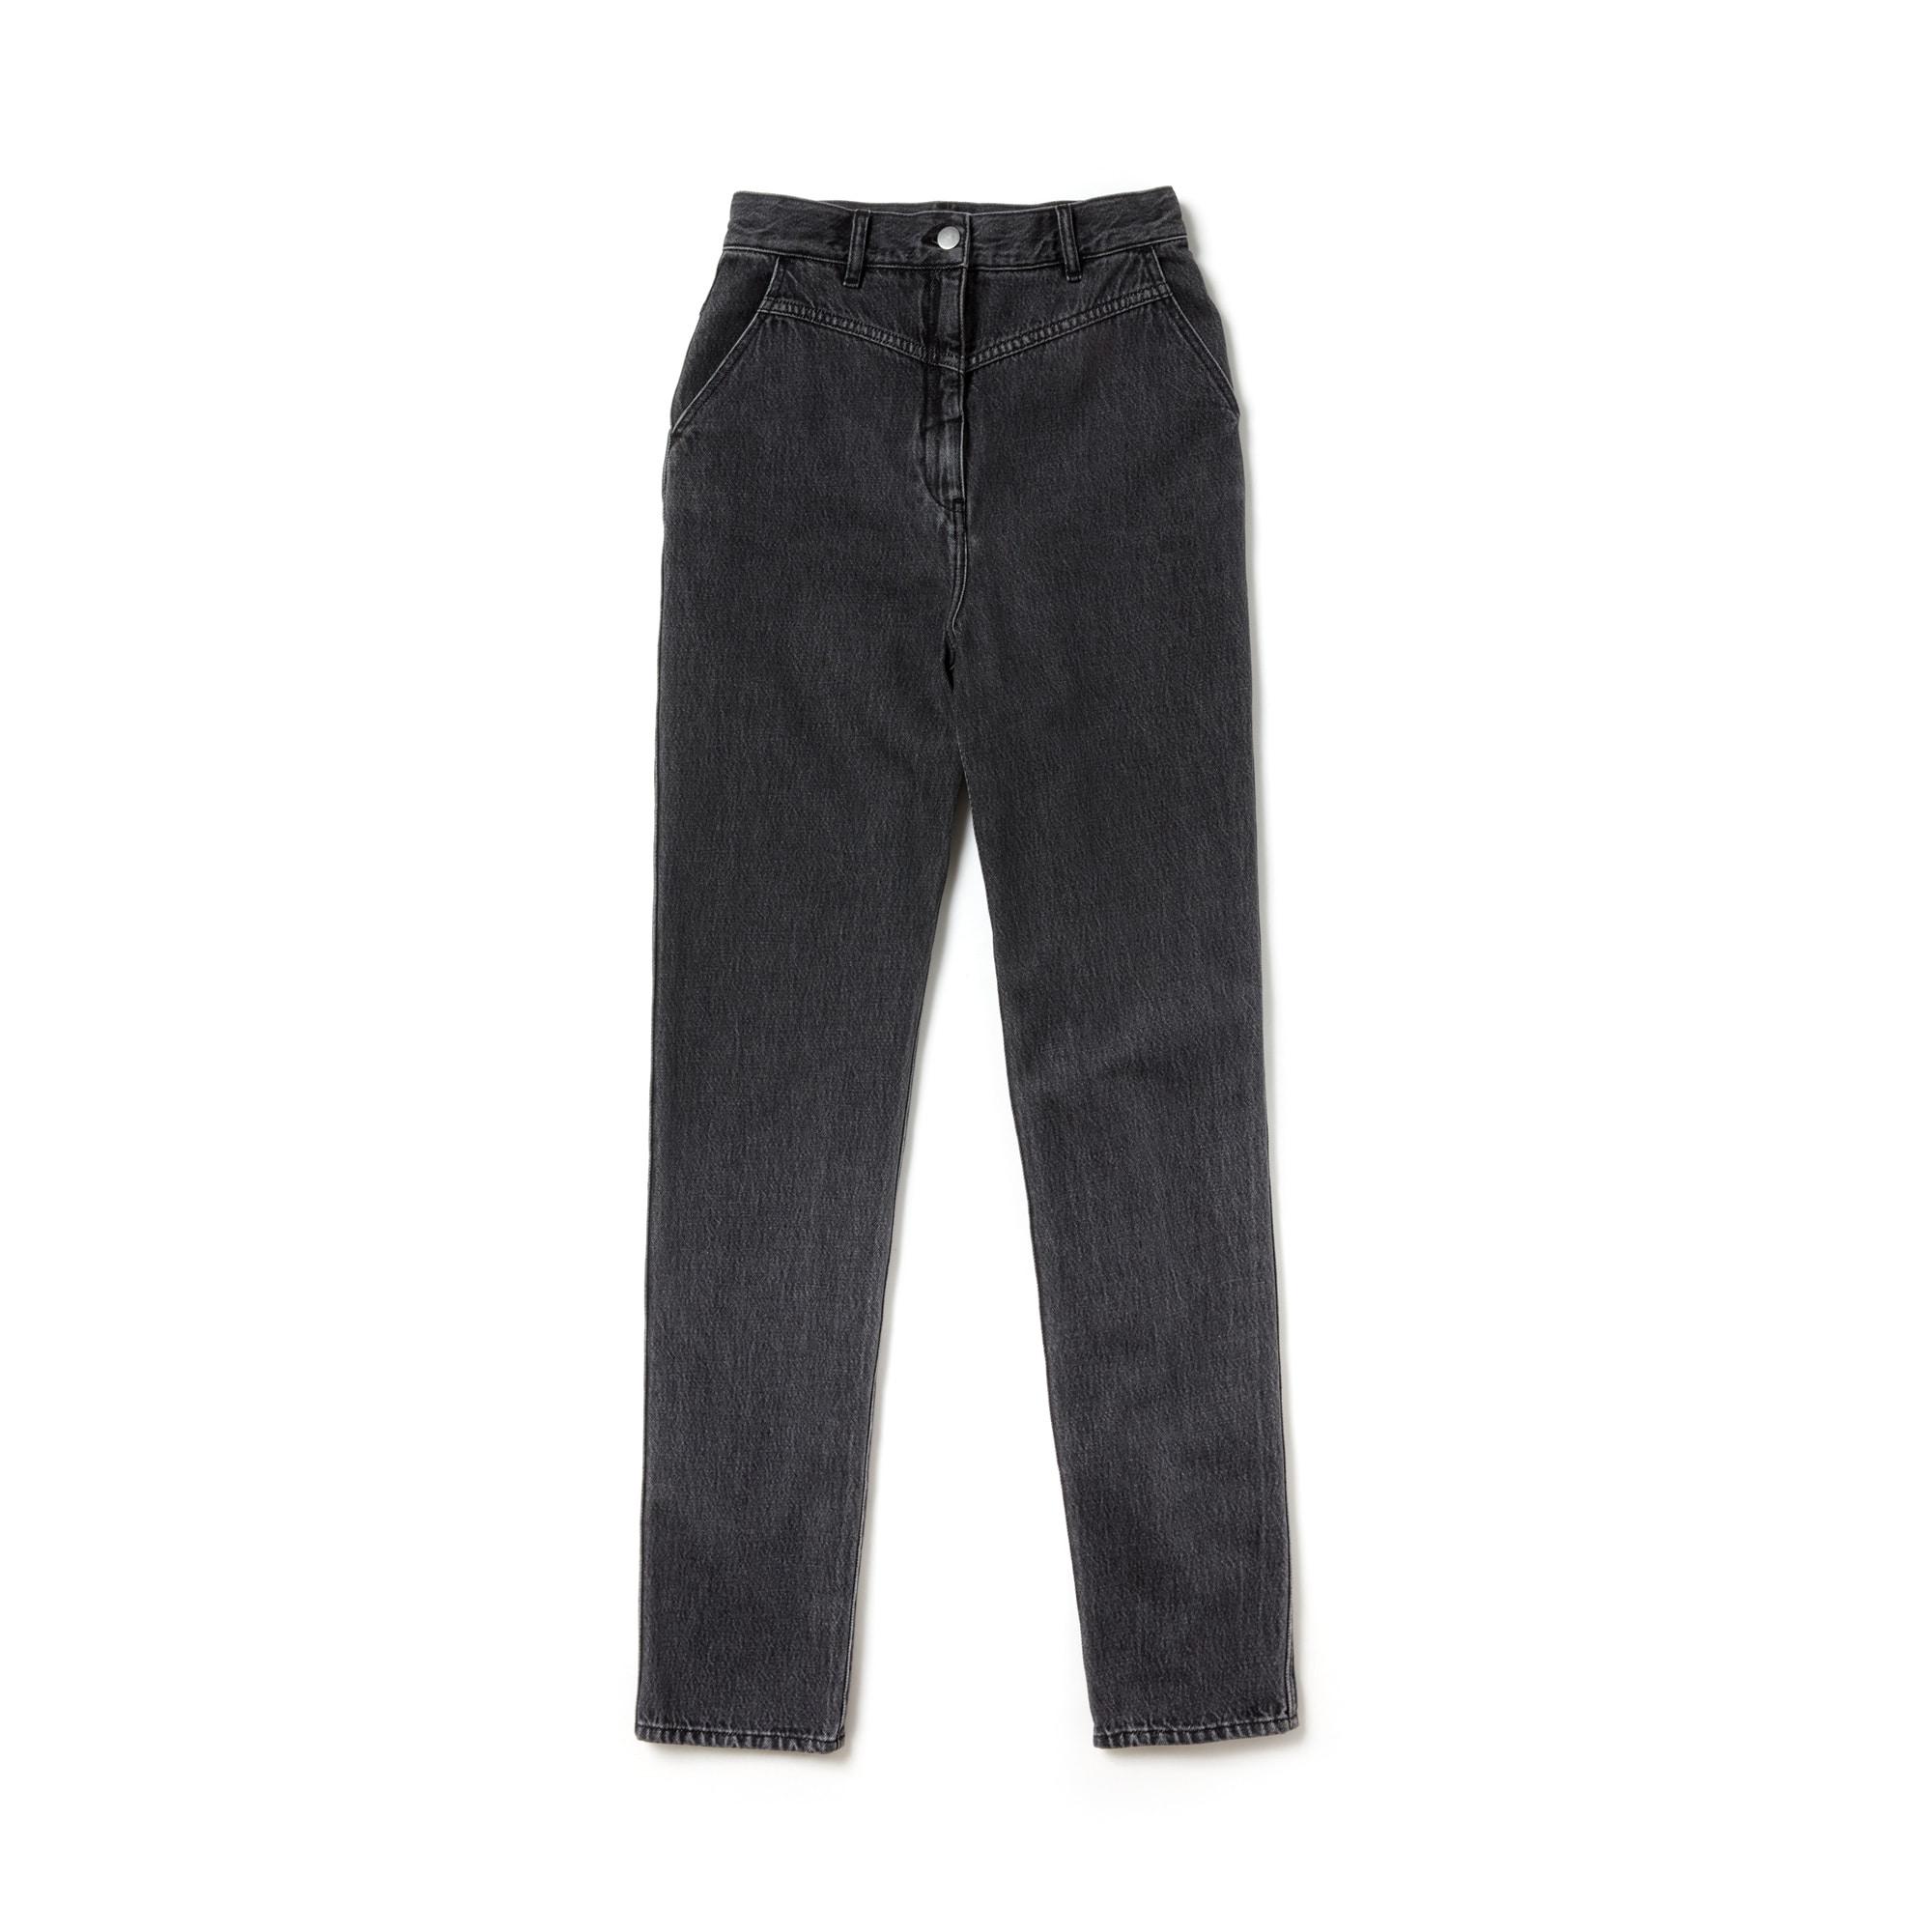 Jeans de cintura subida desbotadas do desfile para mulher